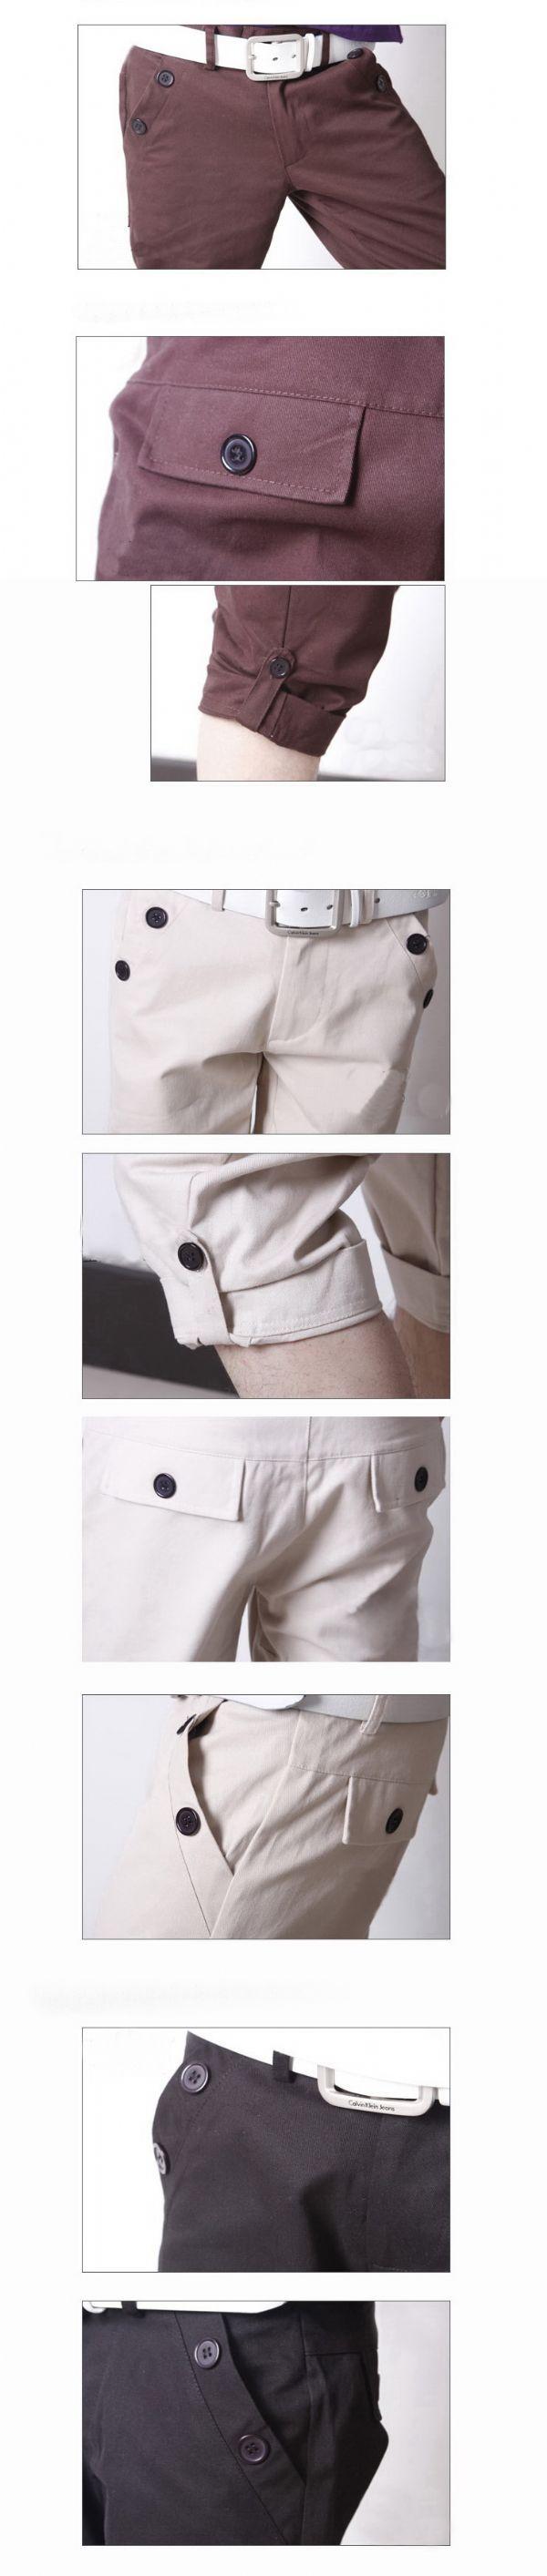 เสื้อผ้าผู้ชาย: กางเกง casual สามส่วนเอวต่ำ